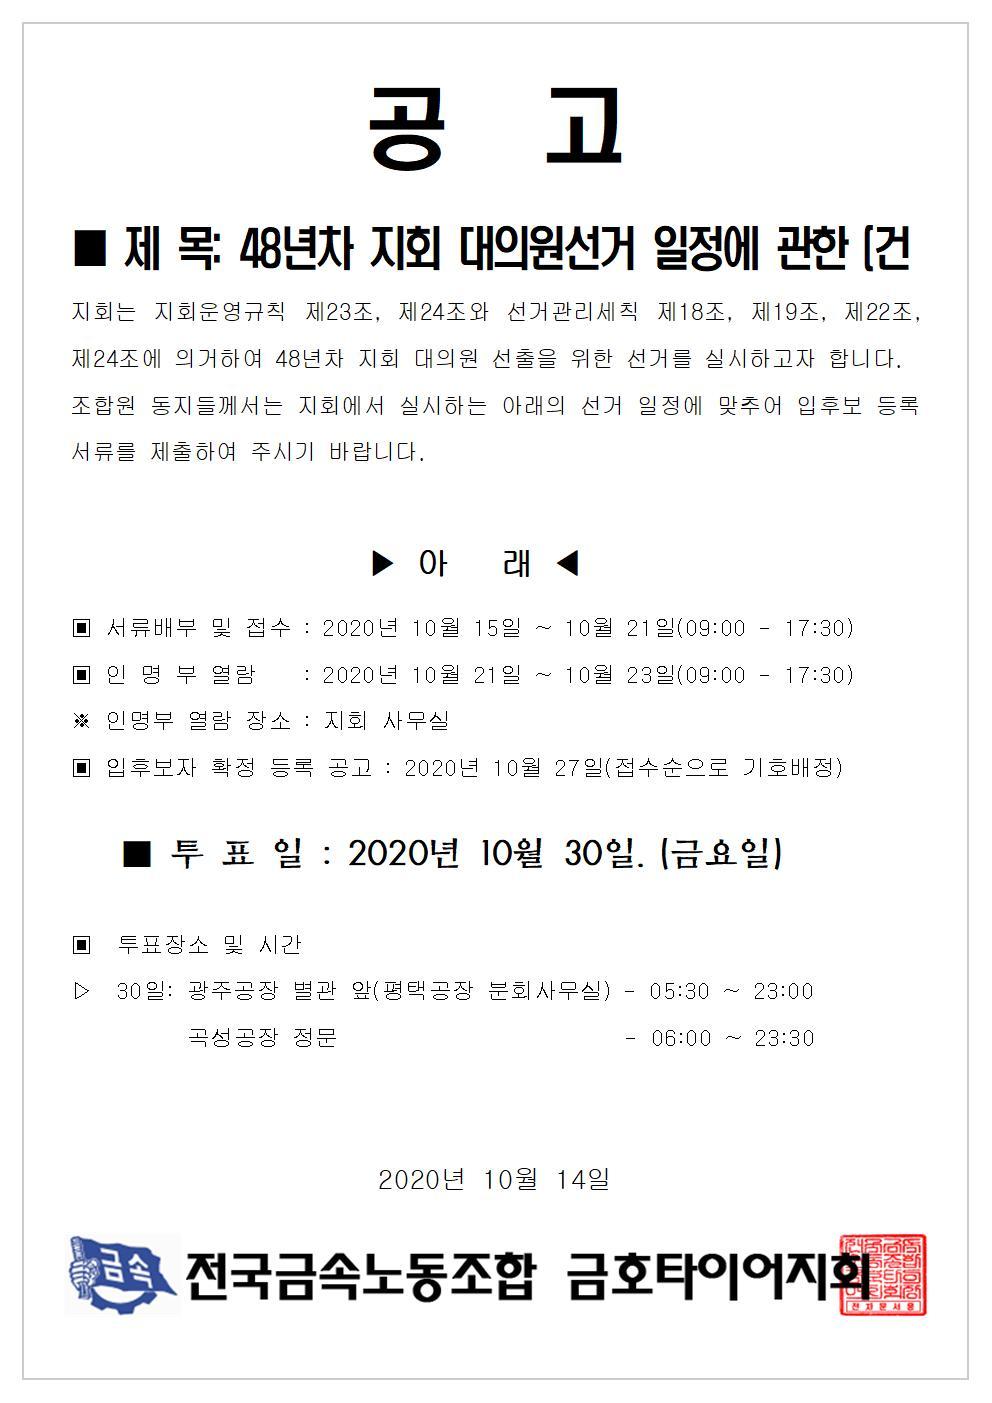 48기 대의원선거일정001.jpg